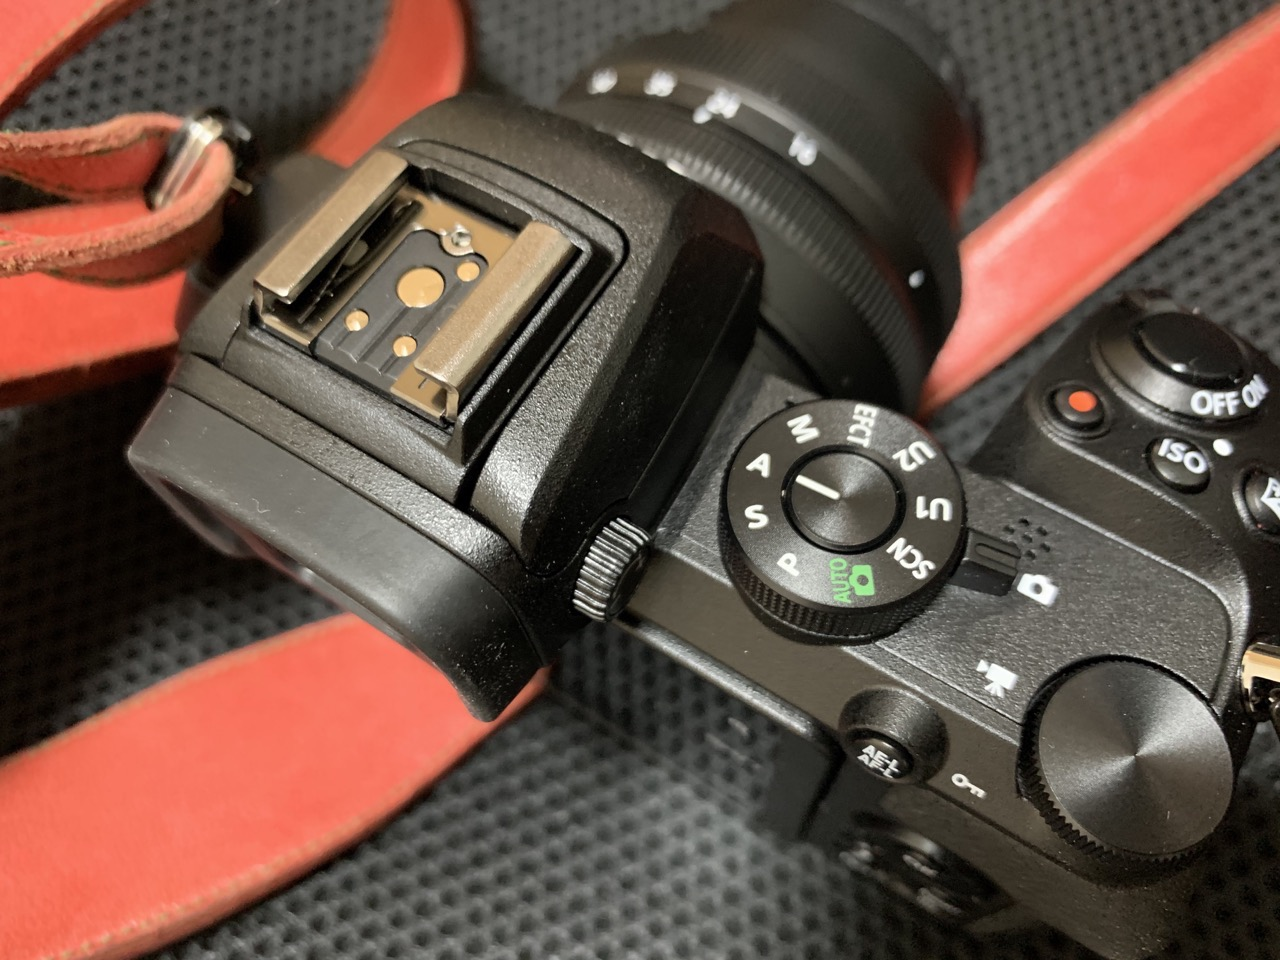 P・A・S・Mとは?カメラの撮影モードを覚えて使いこなそう!